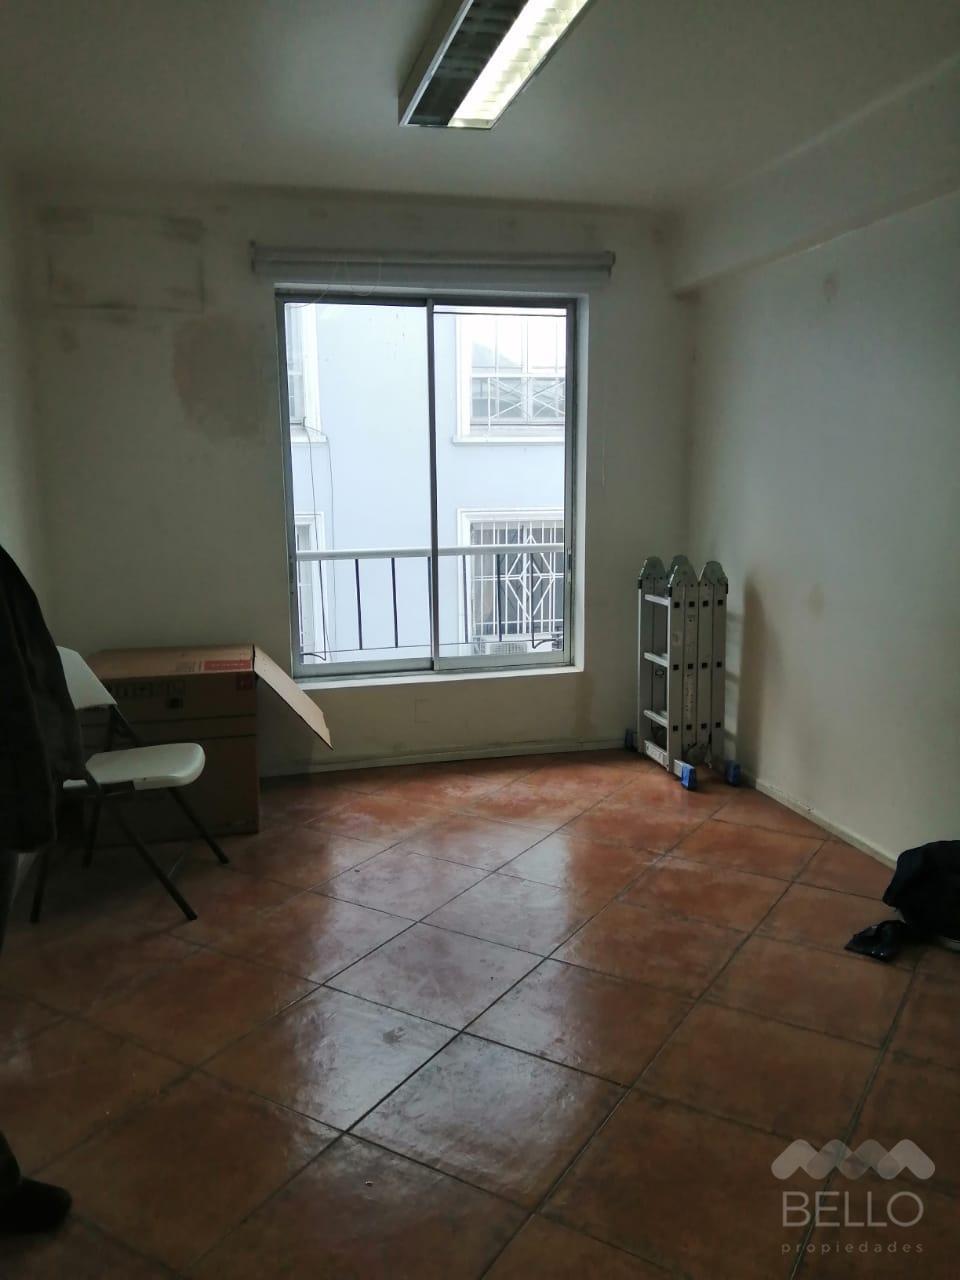 Arriendo Depto. 46 m2 Nueva Los Leones - Providencia $450.000